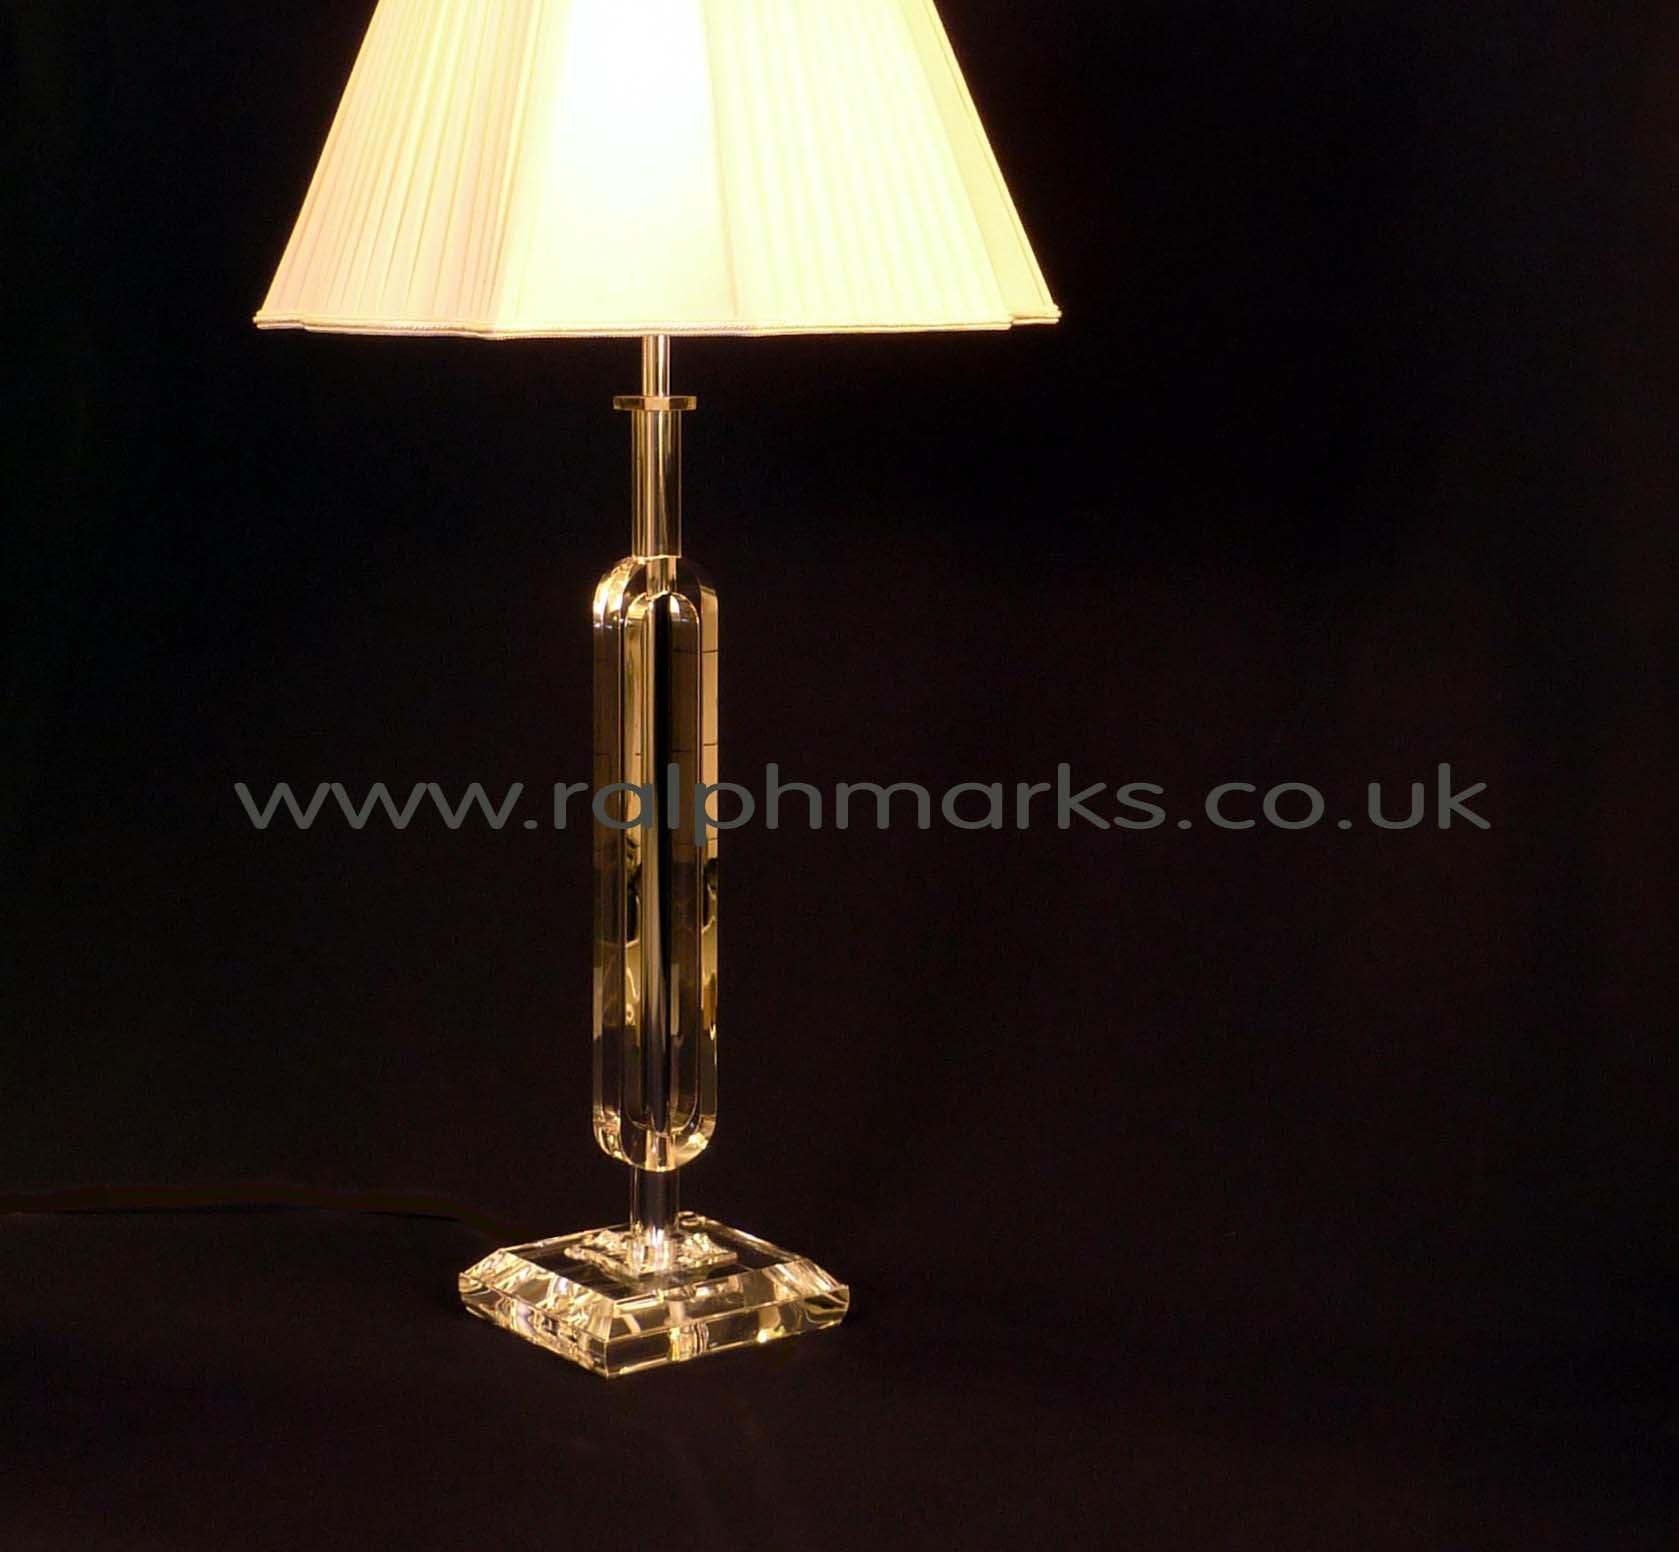 Acrylic Table Lamp UK